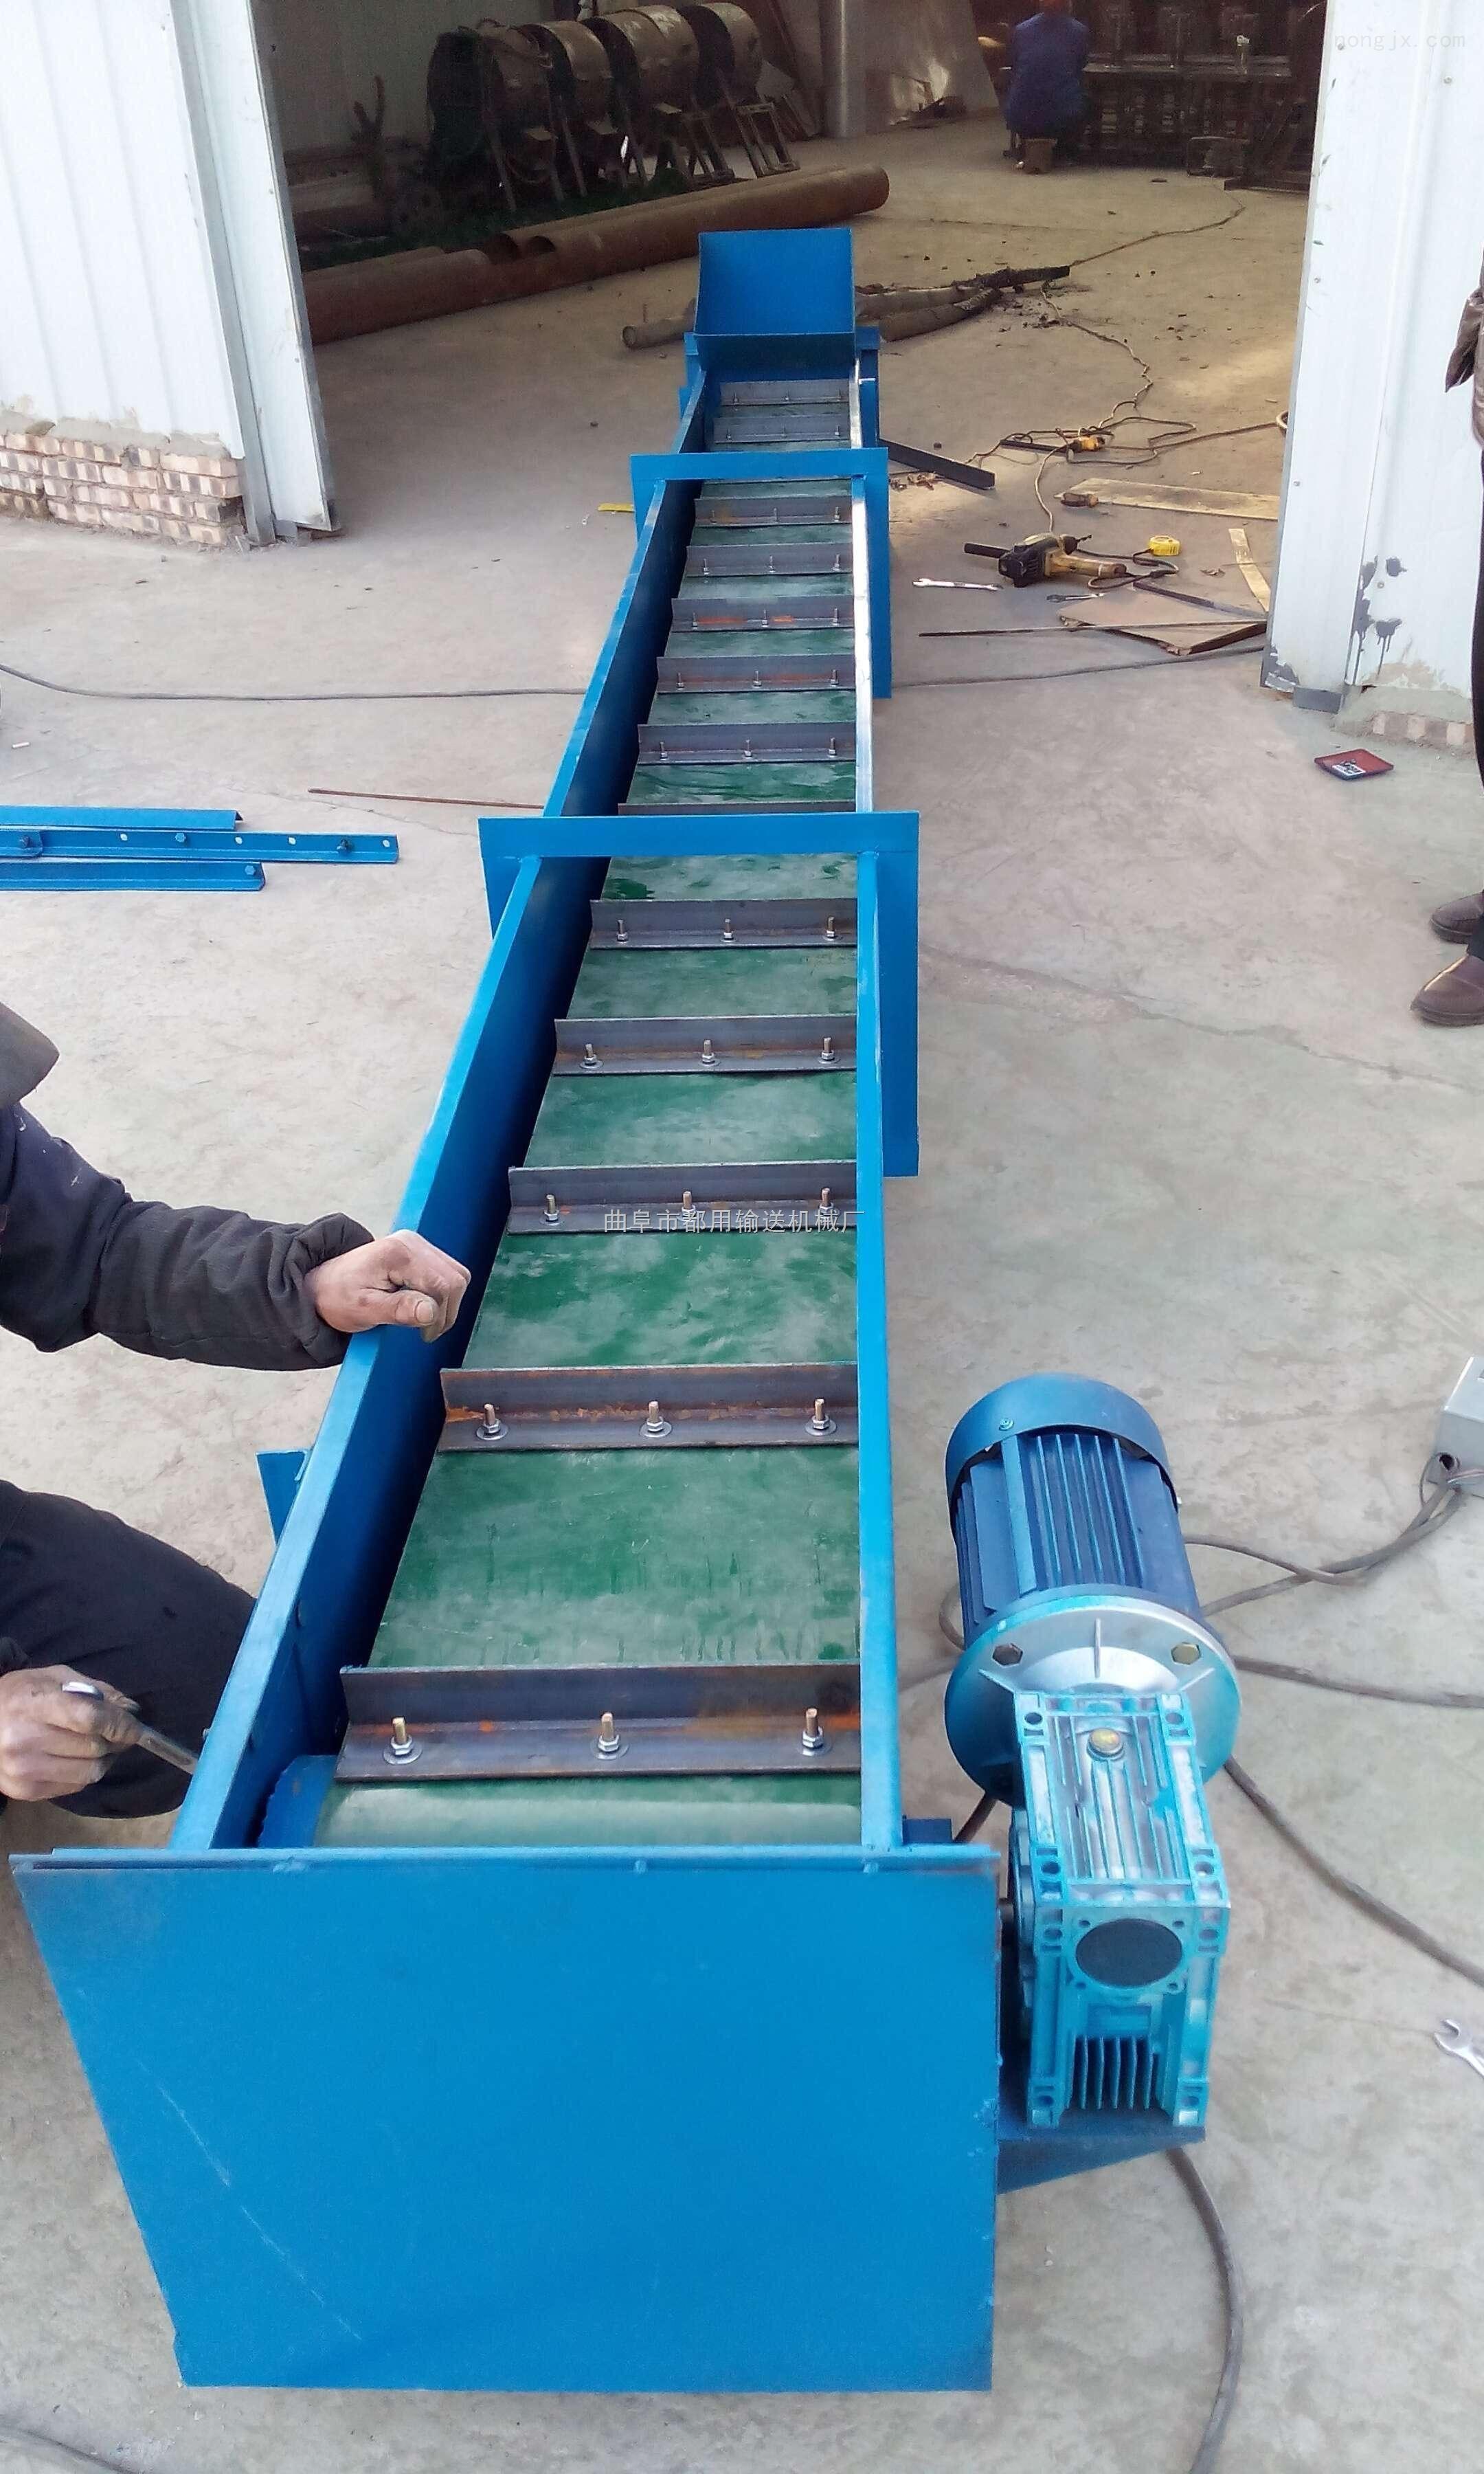 槽型饲料颗粒刮板输送机,皮带式刮板送料机